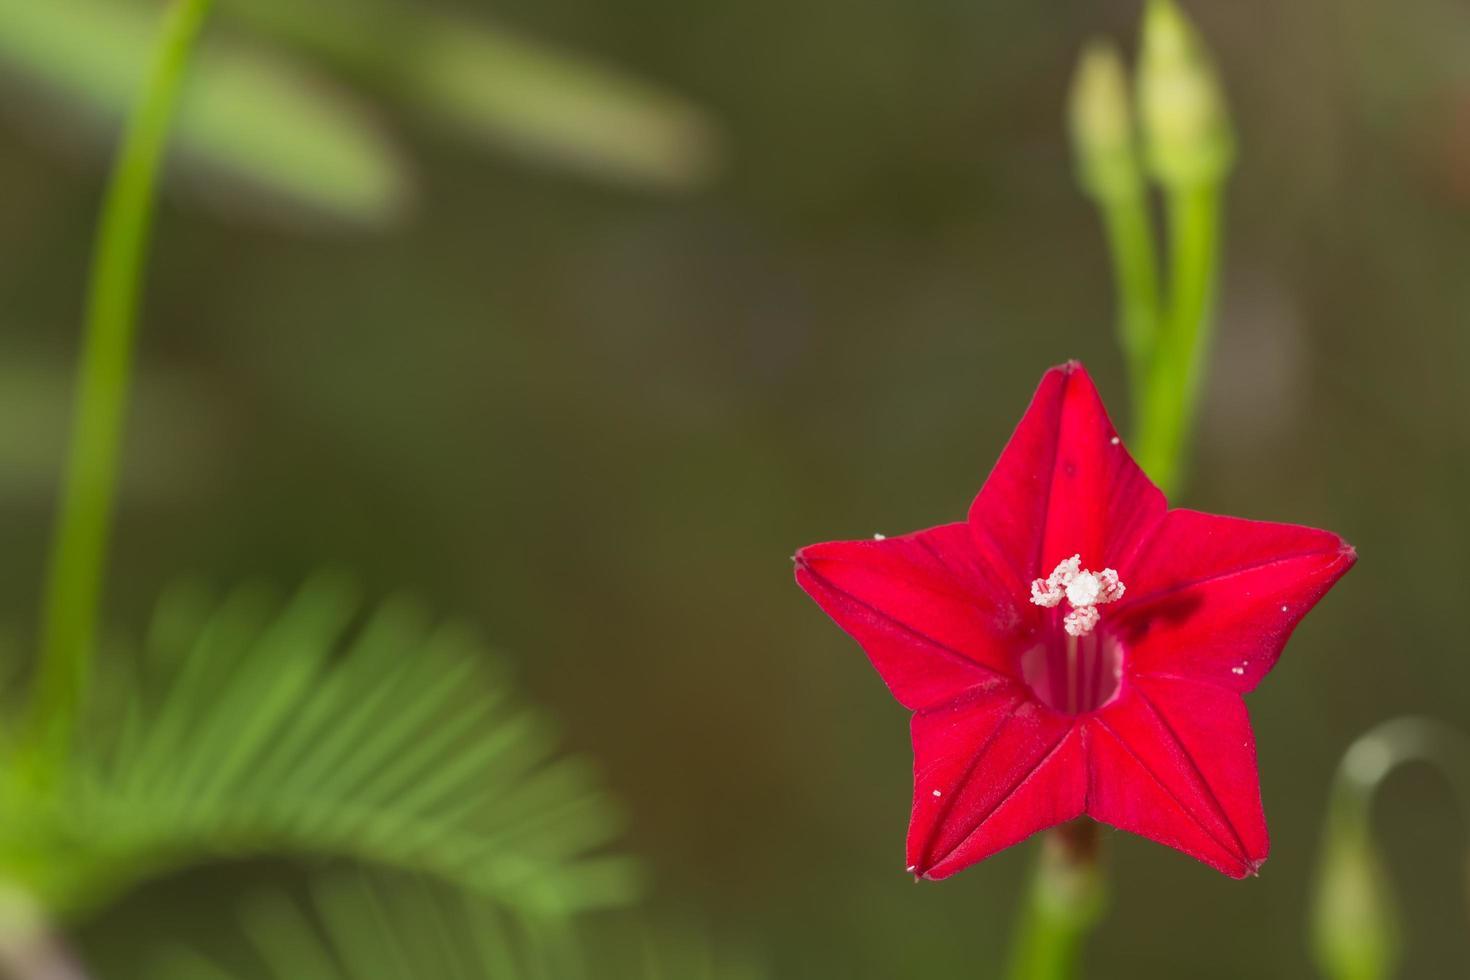 cypress vinstockar blomma foto